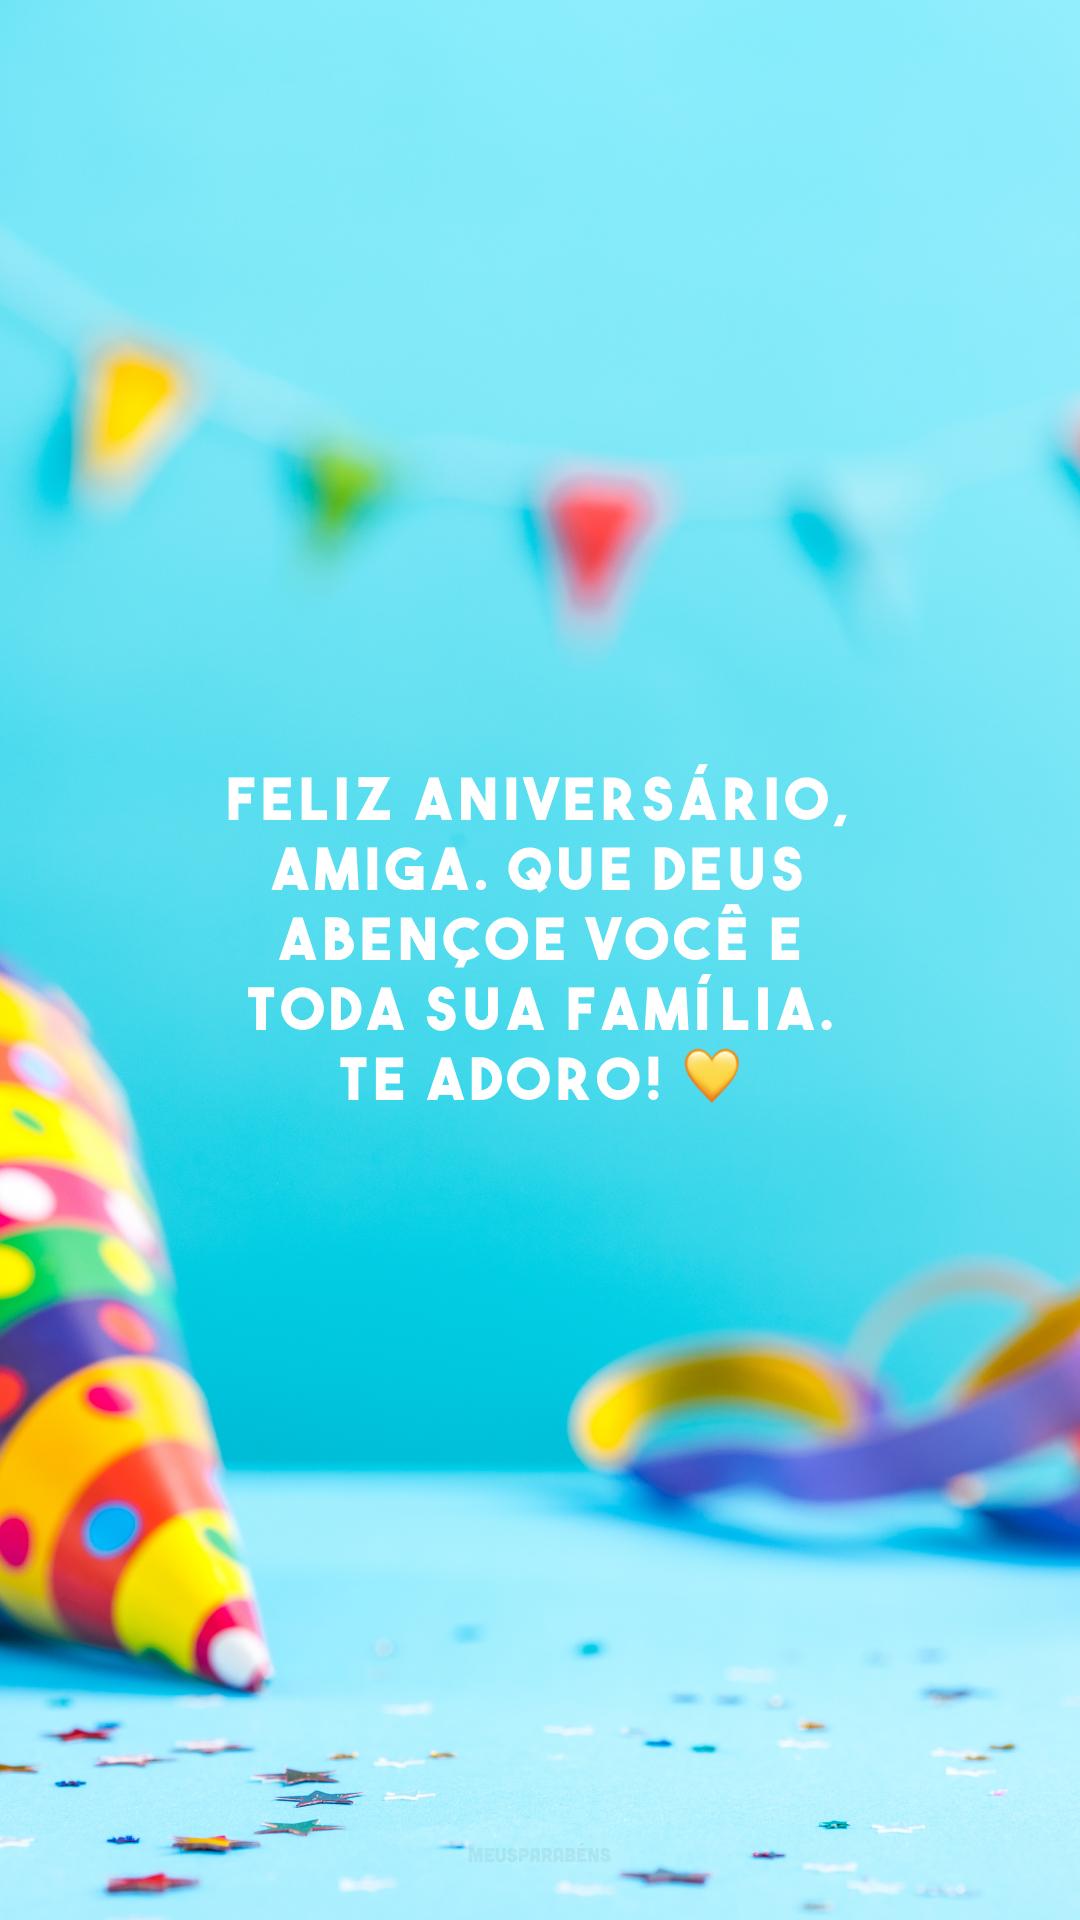 Feliz aniversário, amiga. Que Deus abençoe você e toda sua família. Te adoro! 💛